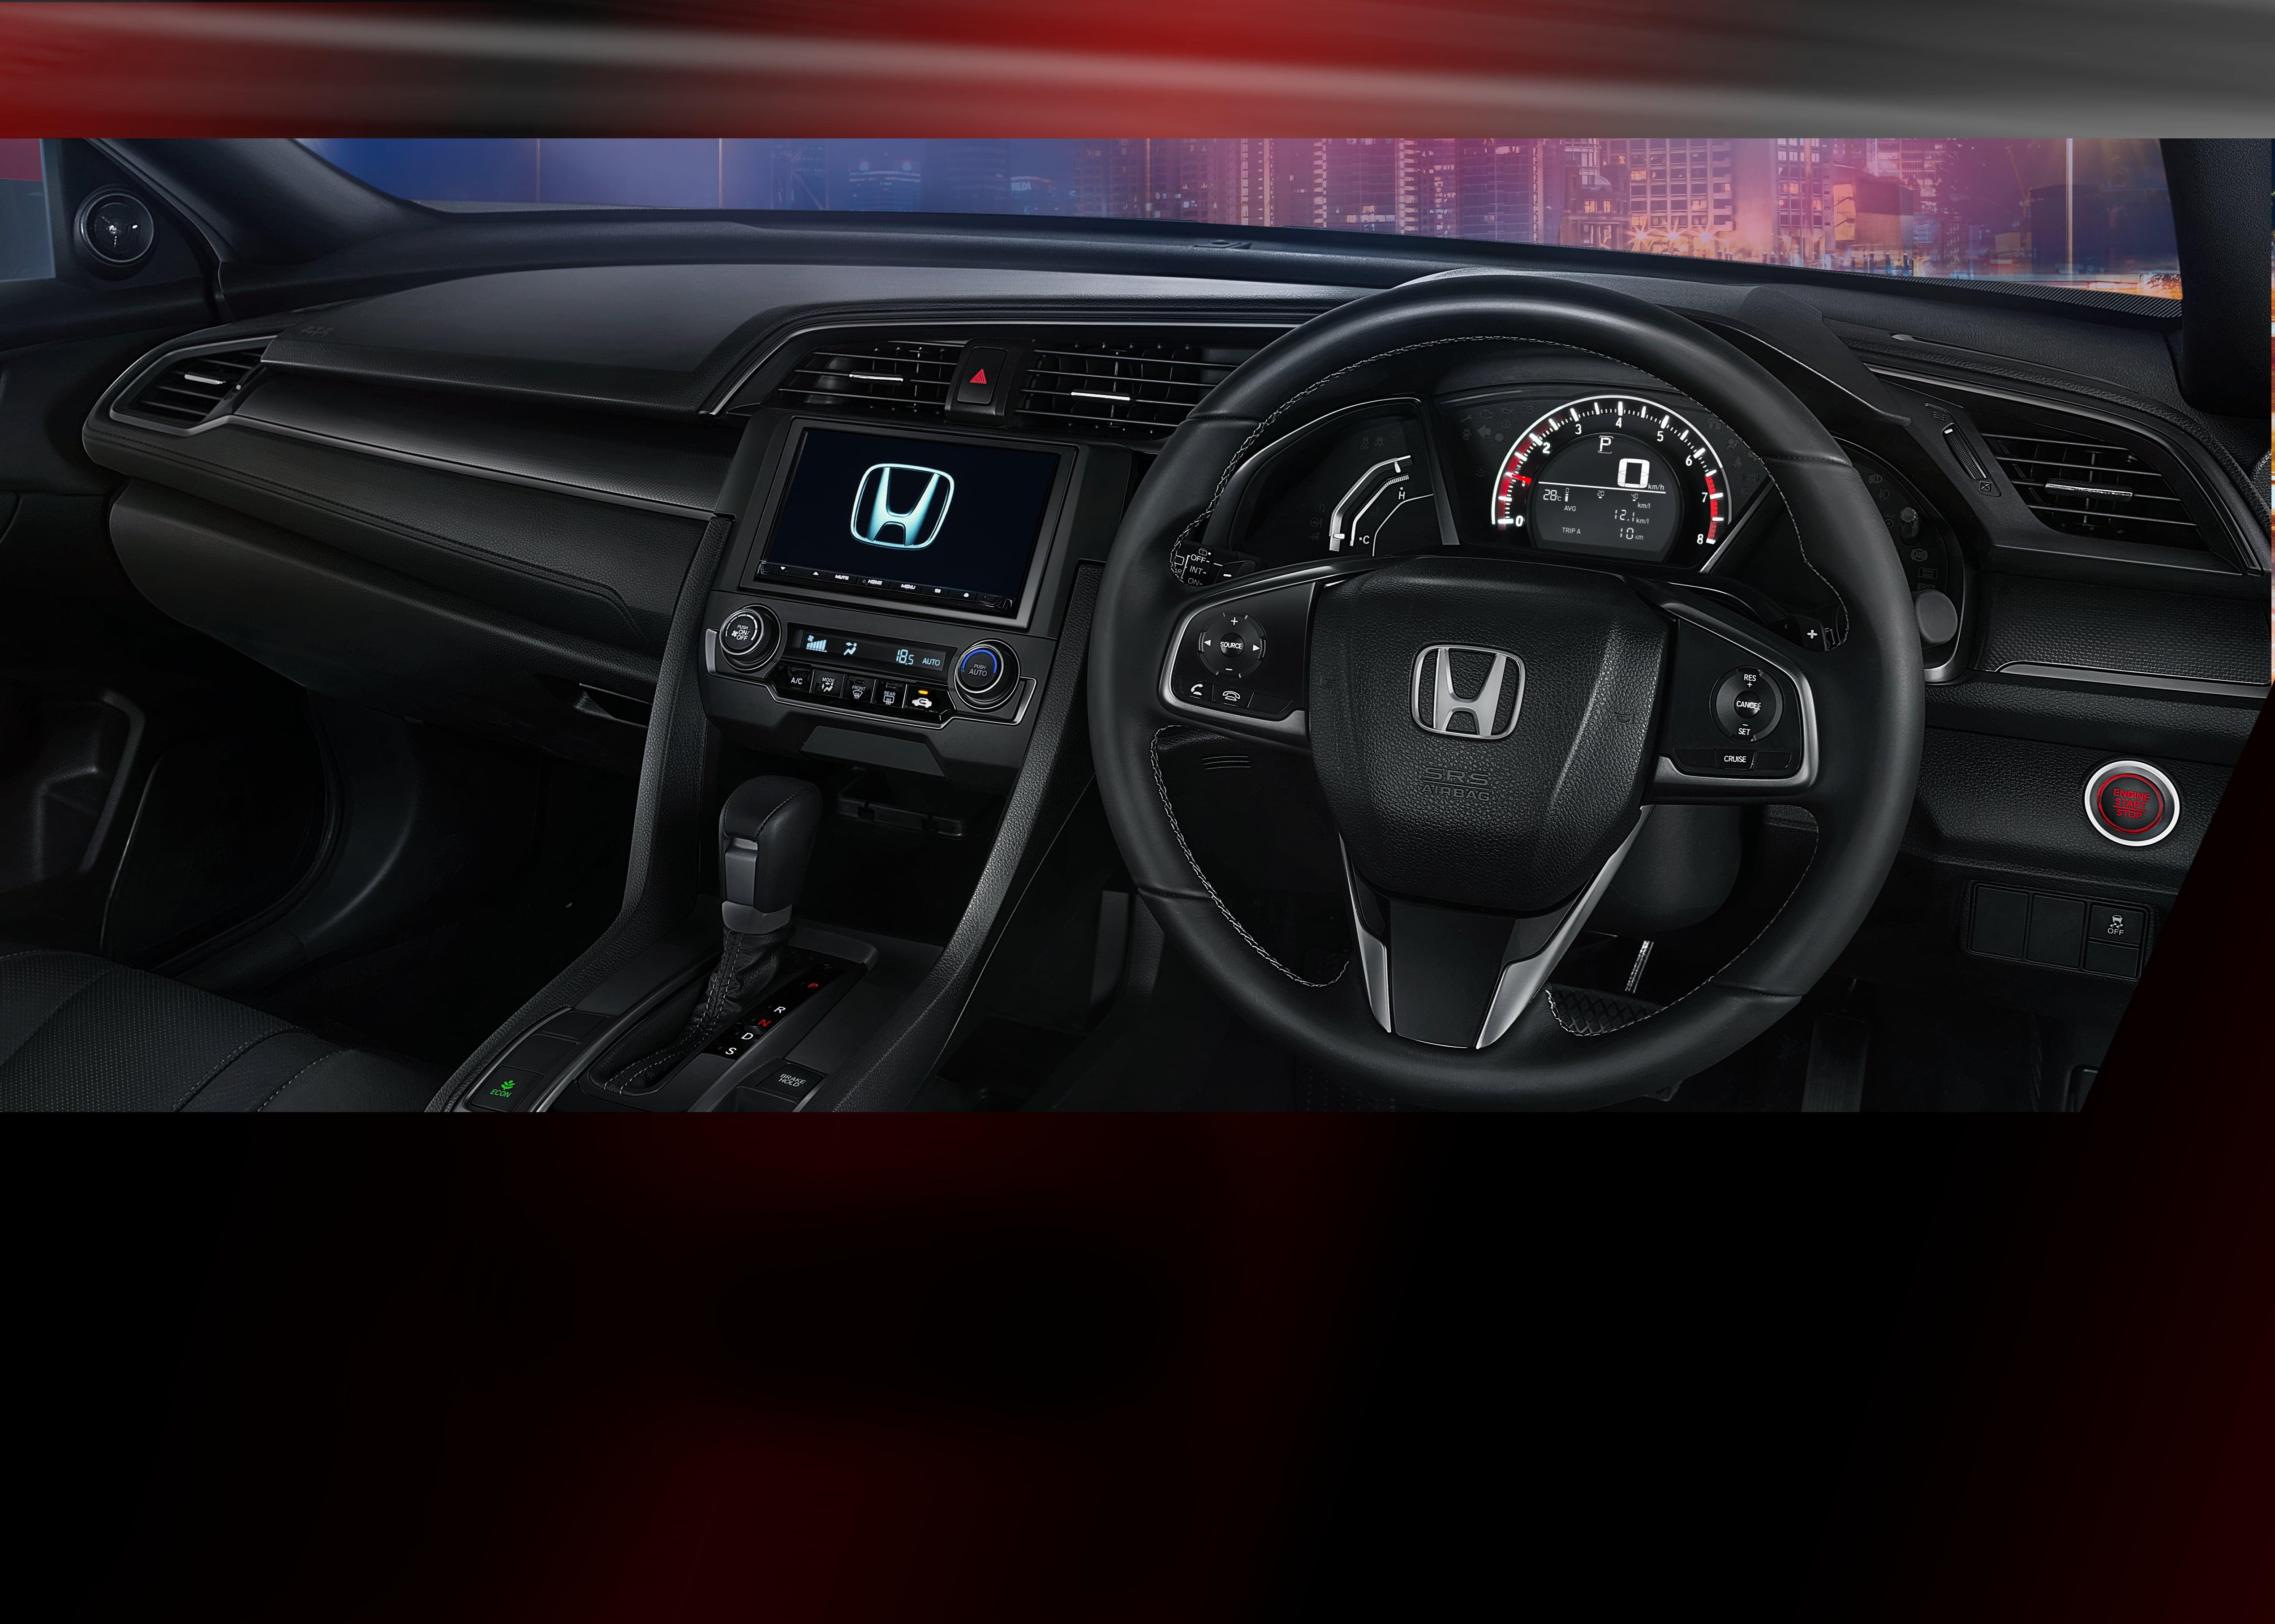 Merek Honda Civic Hatchback  Baru dijual di Carmudi Indonesia 2